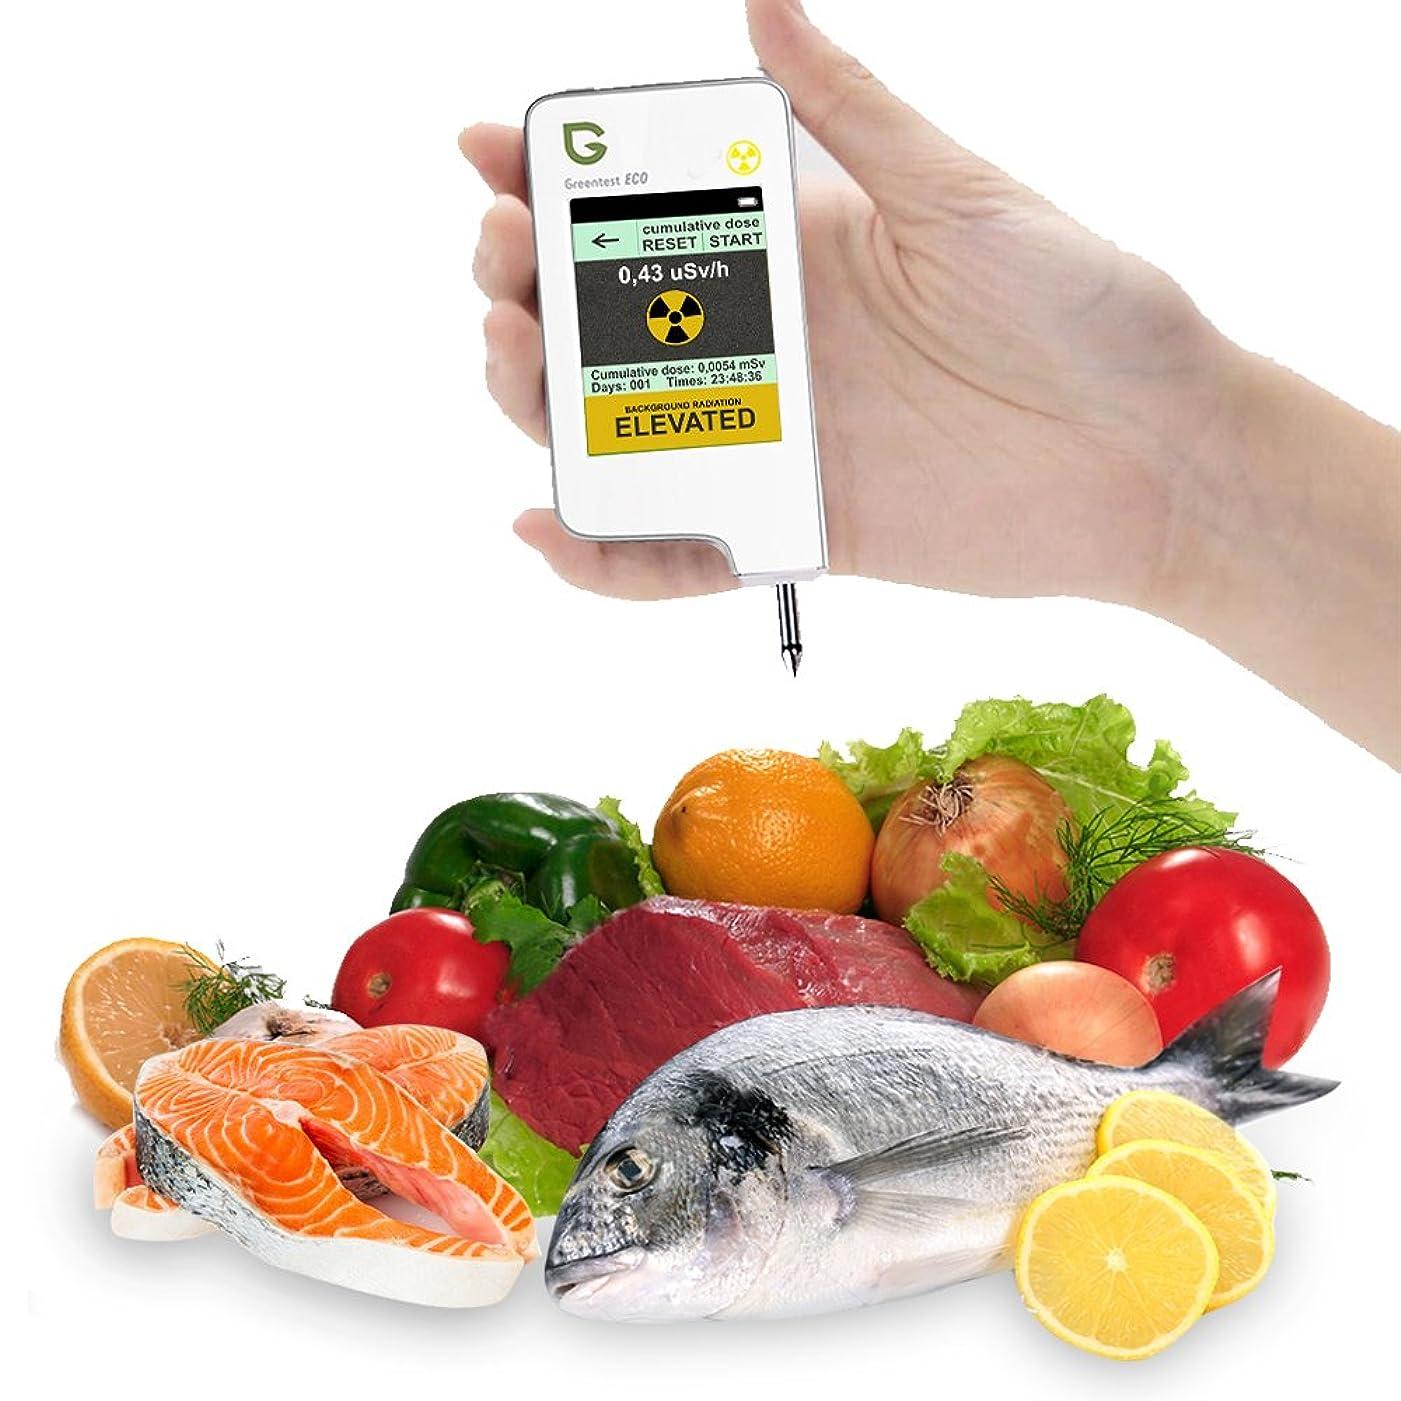 寄付する中にのためGreentest テストデジタル即時食べ物硝酸塩?放射線検出器。肉、果物、野菜用(白)